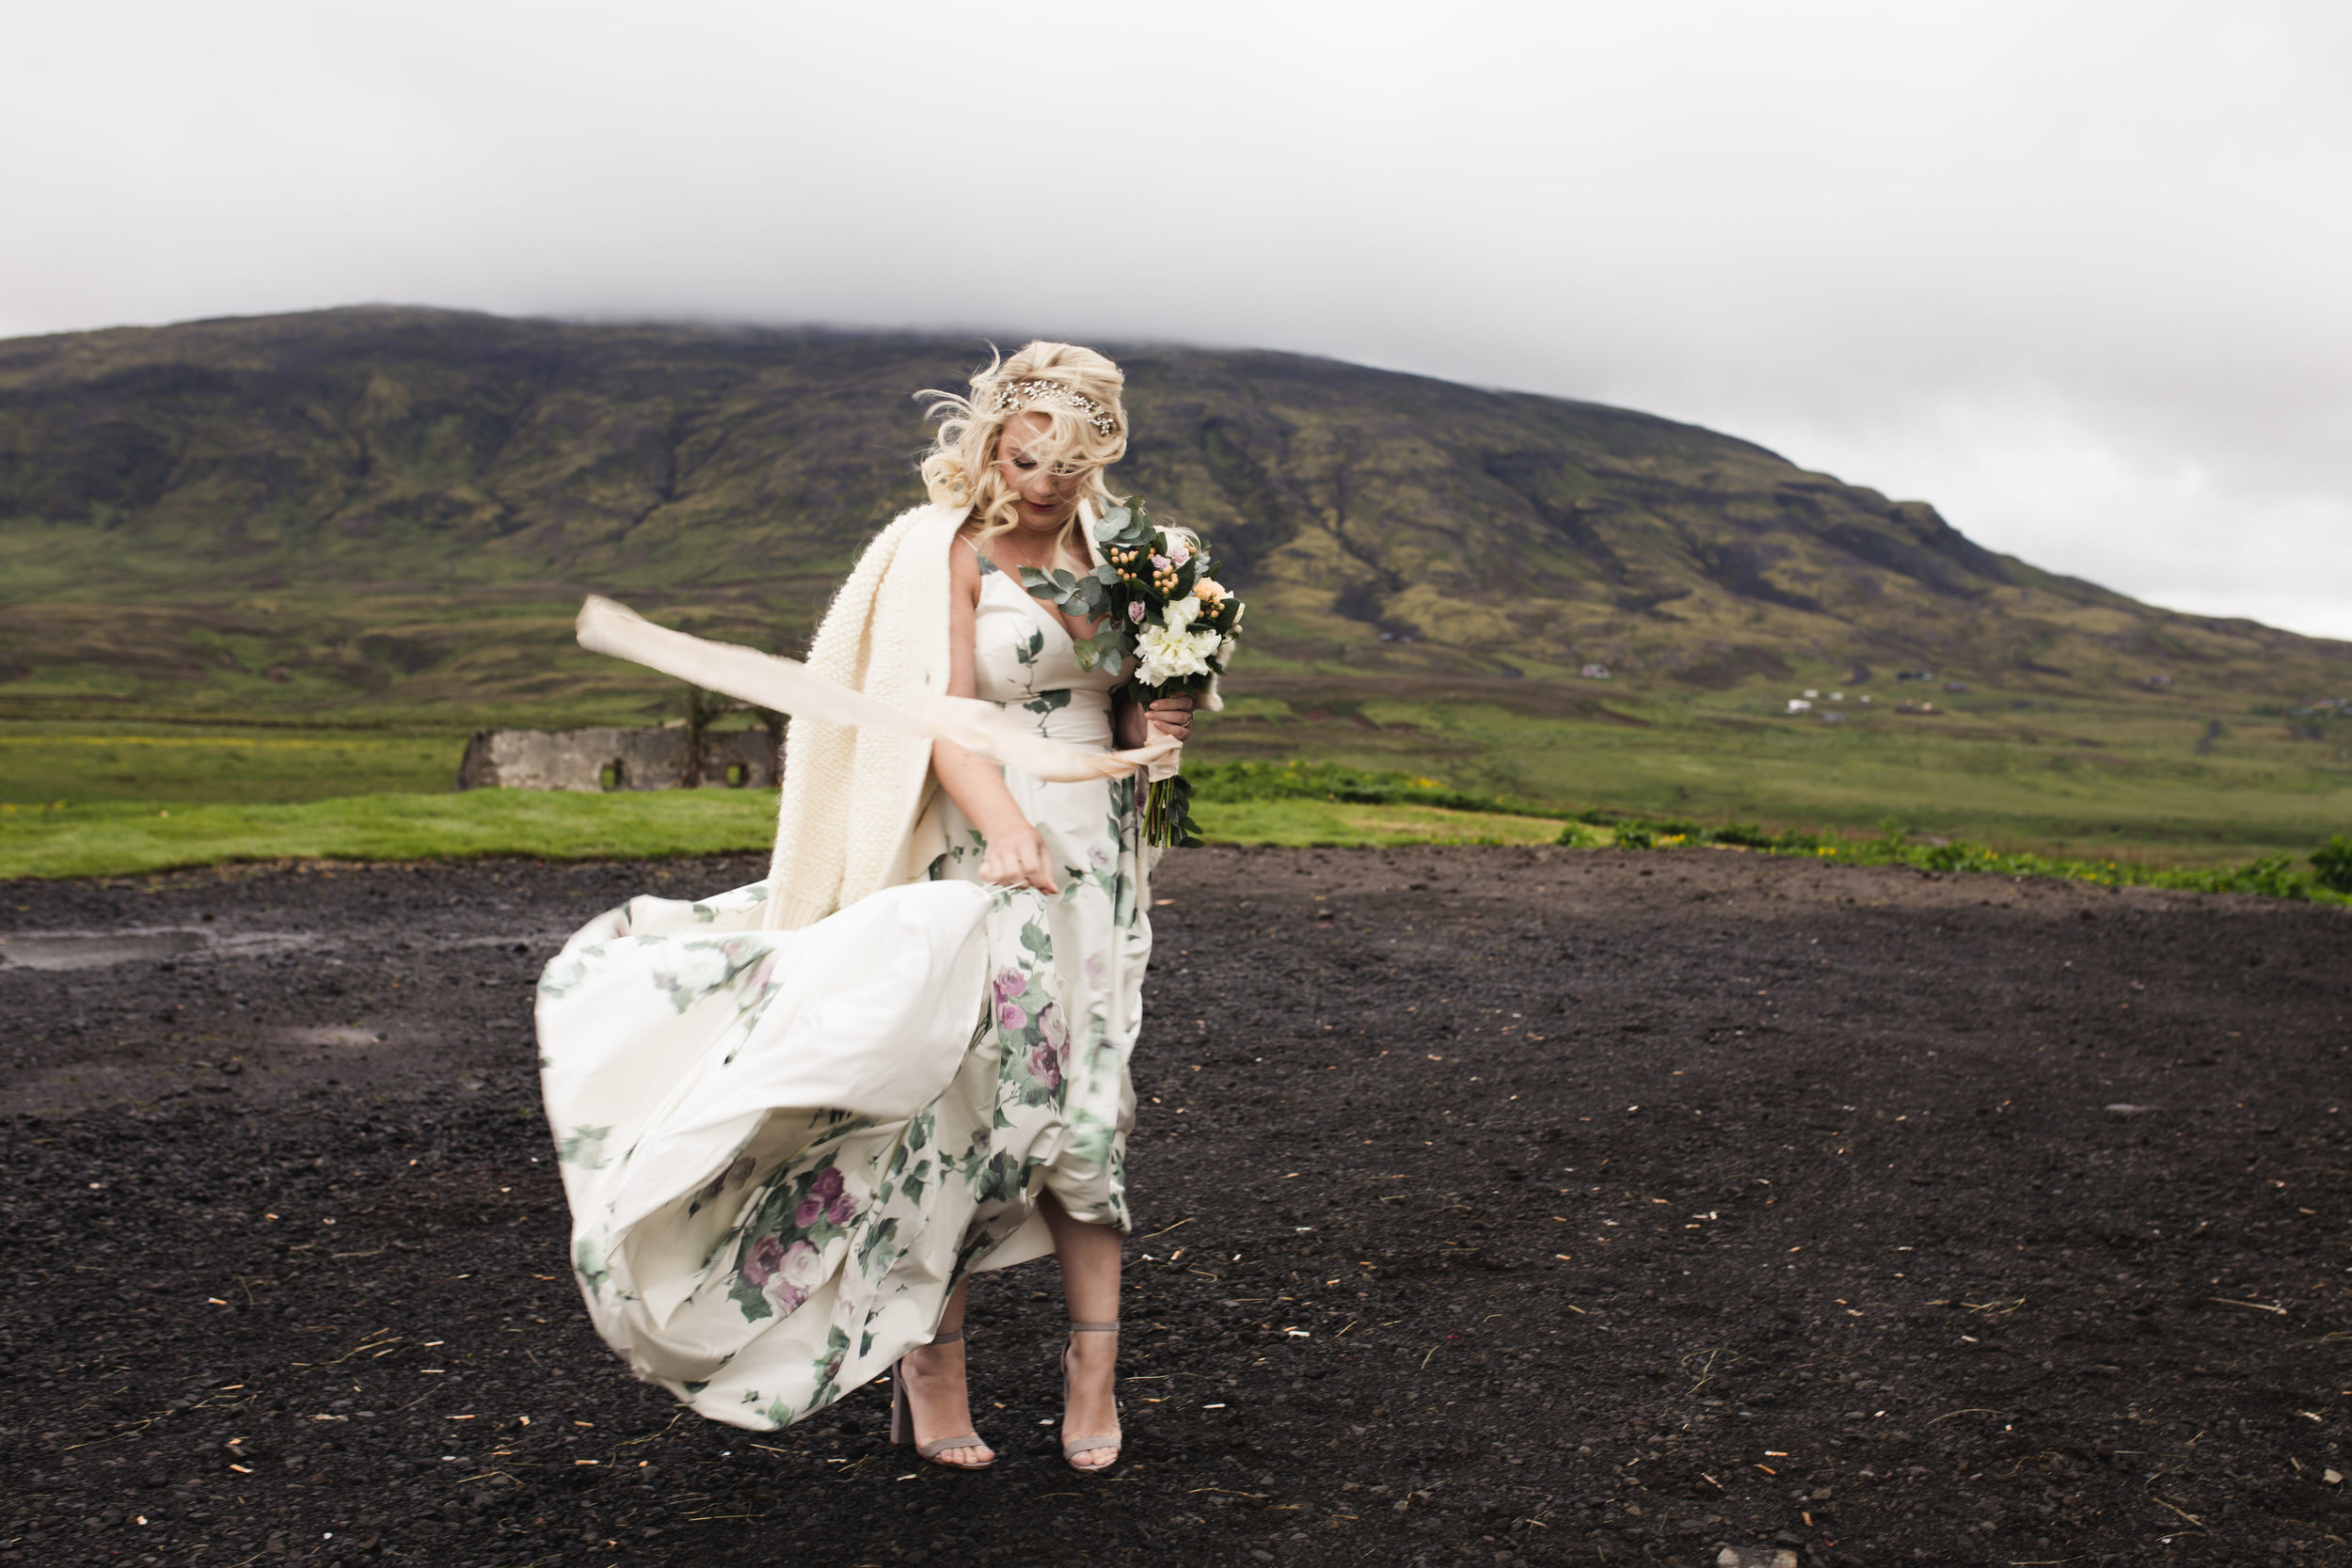 LisaDiederichPhotography_IcelandWedding_Kelsey&Zack-69.jpg